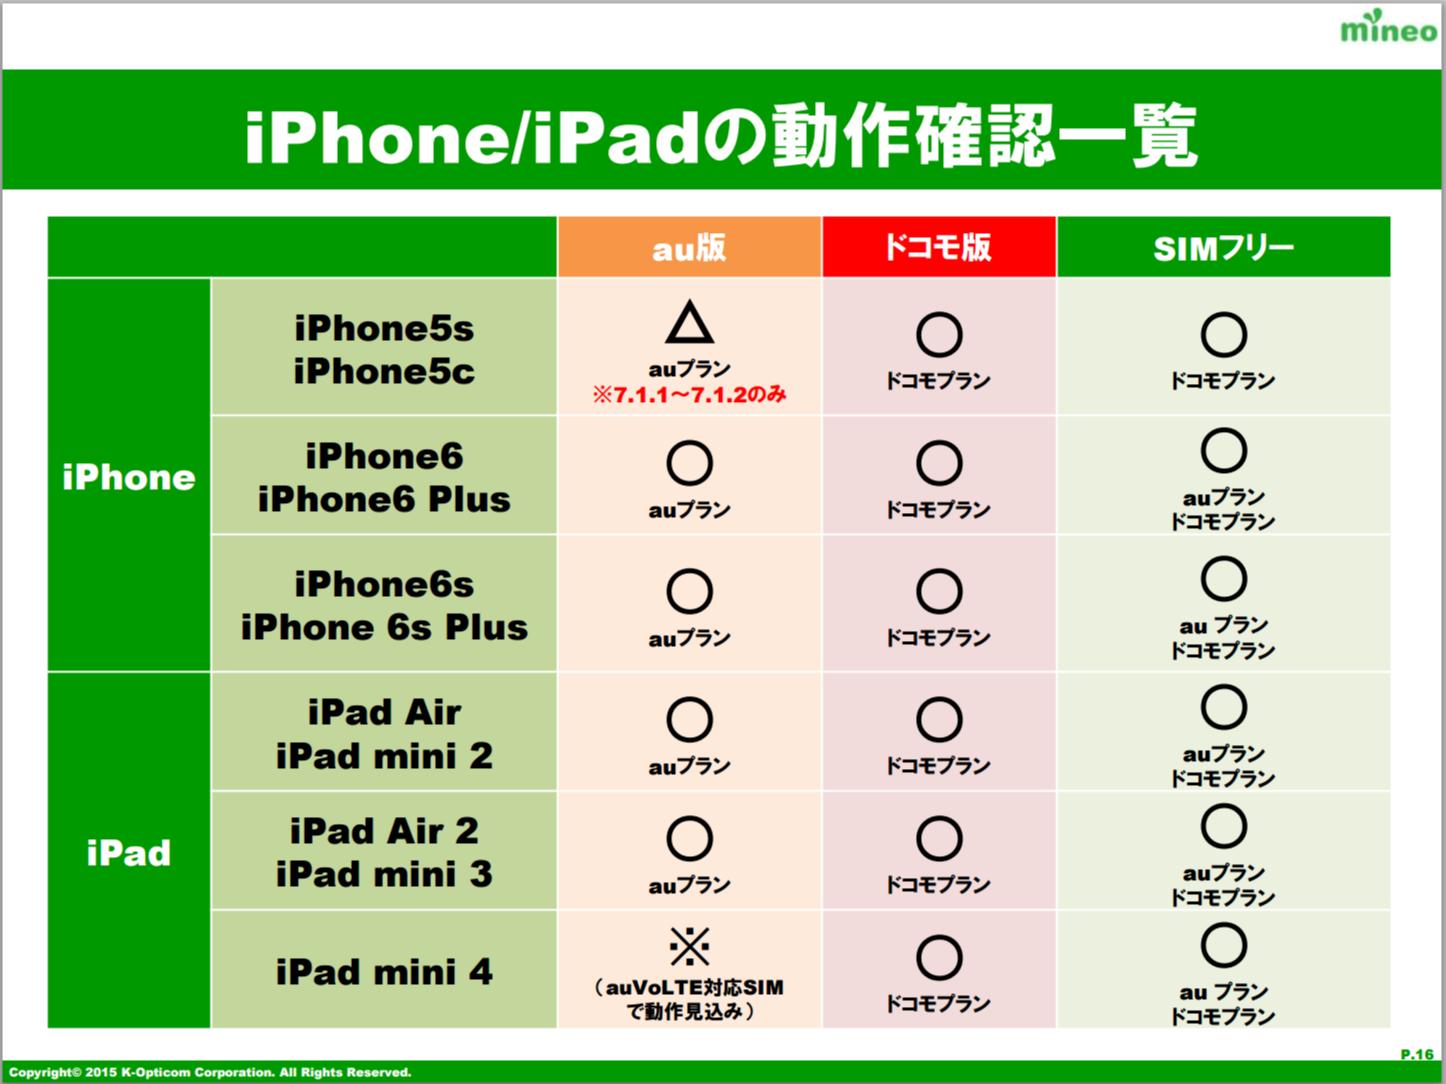 mineo-iphone